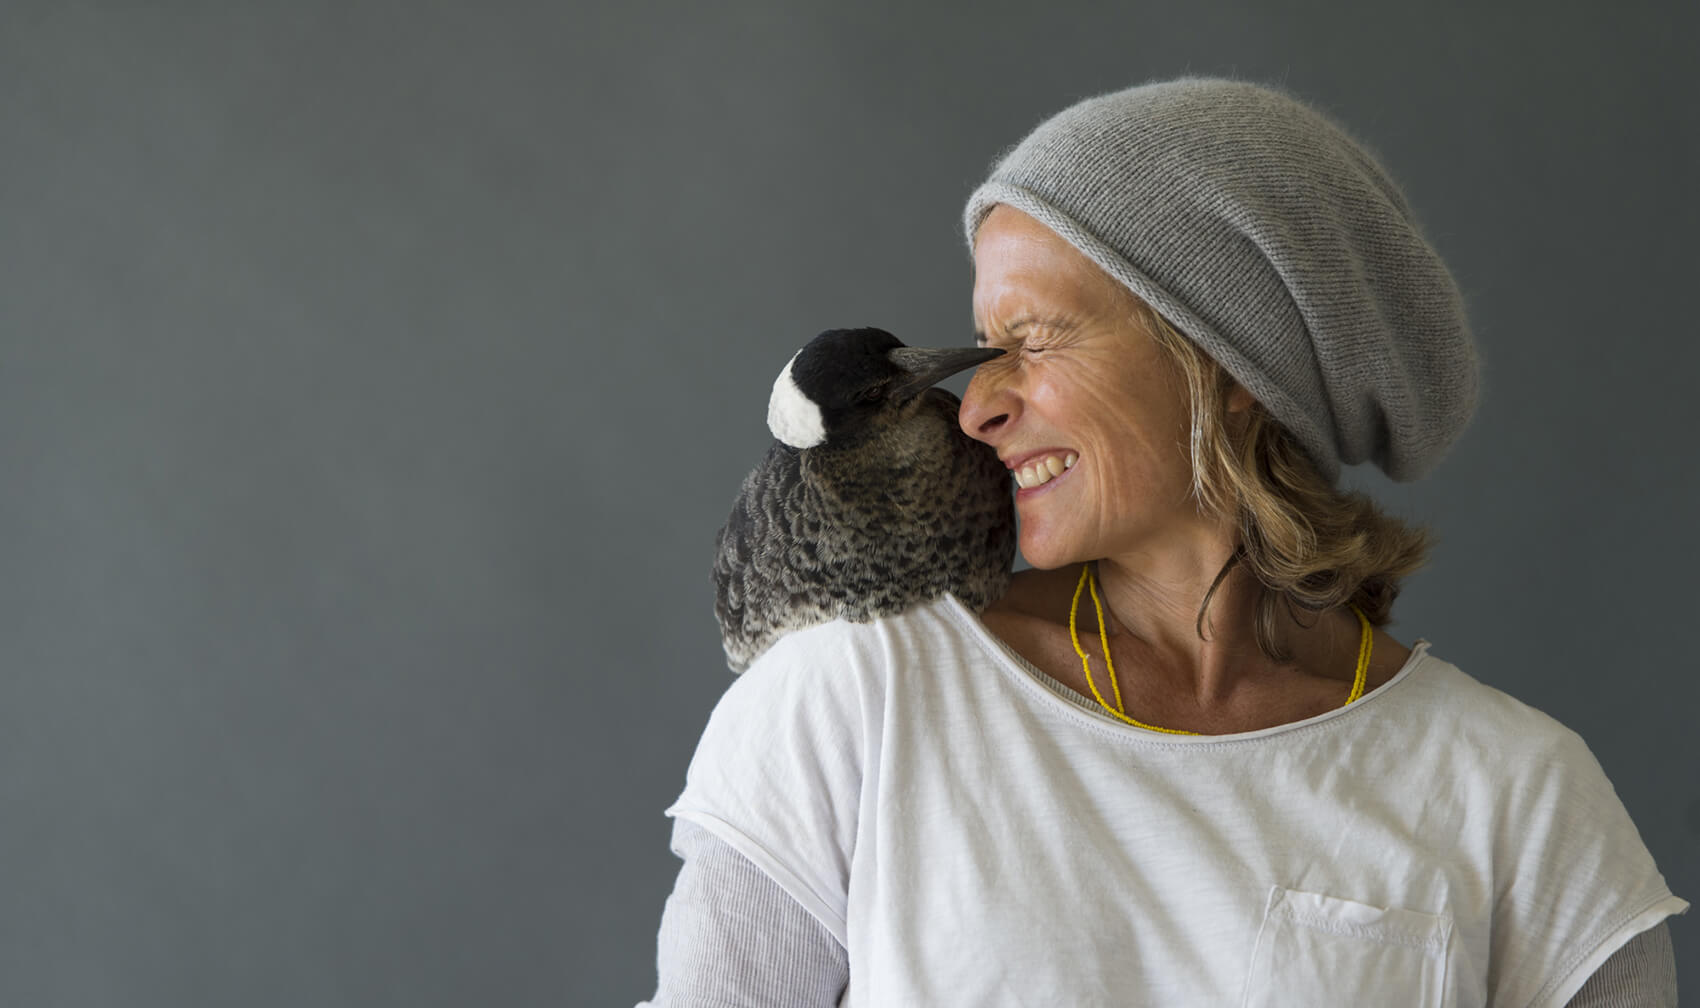 Sam Bloom with Penguin on her shoulder